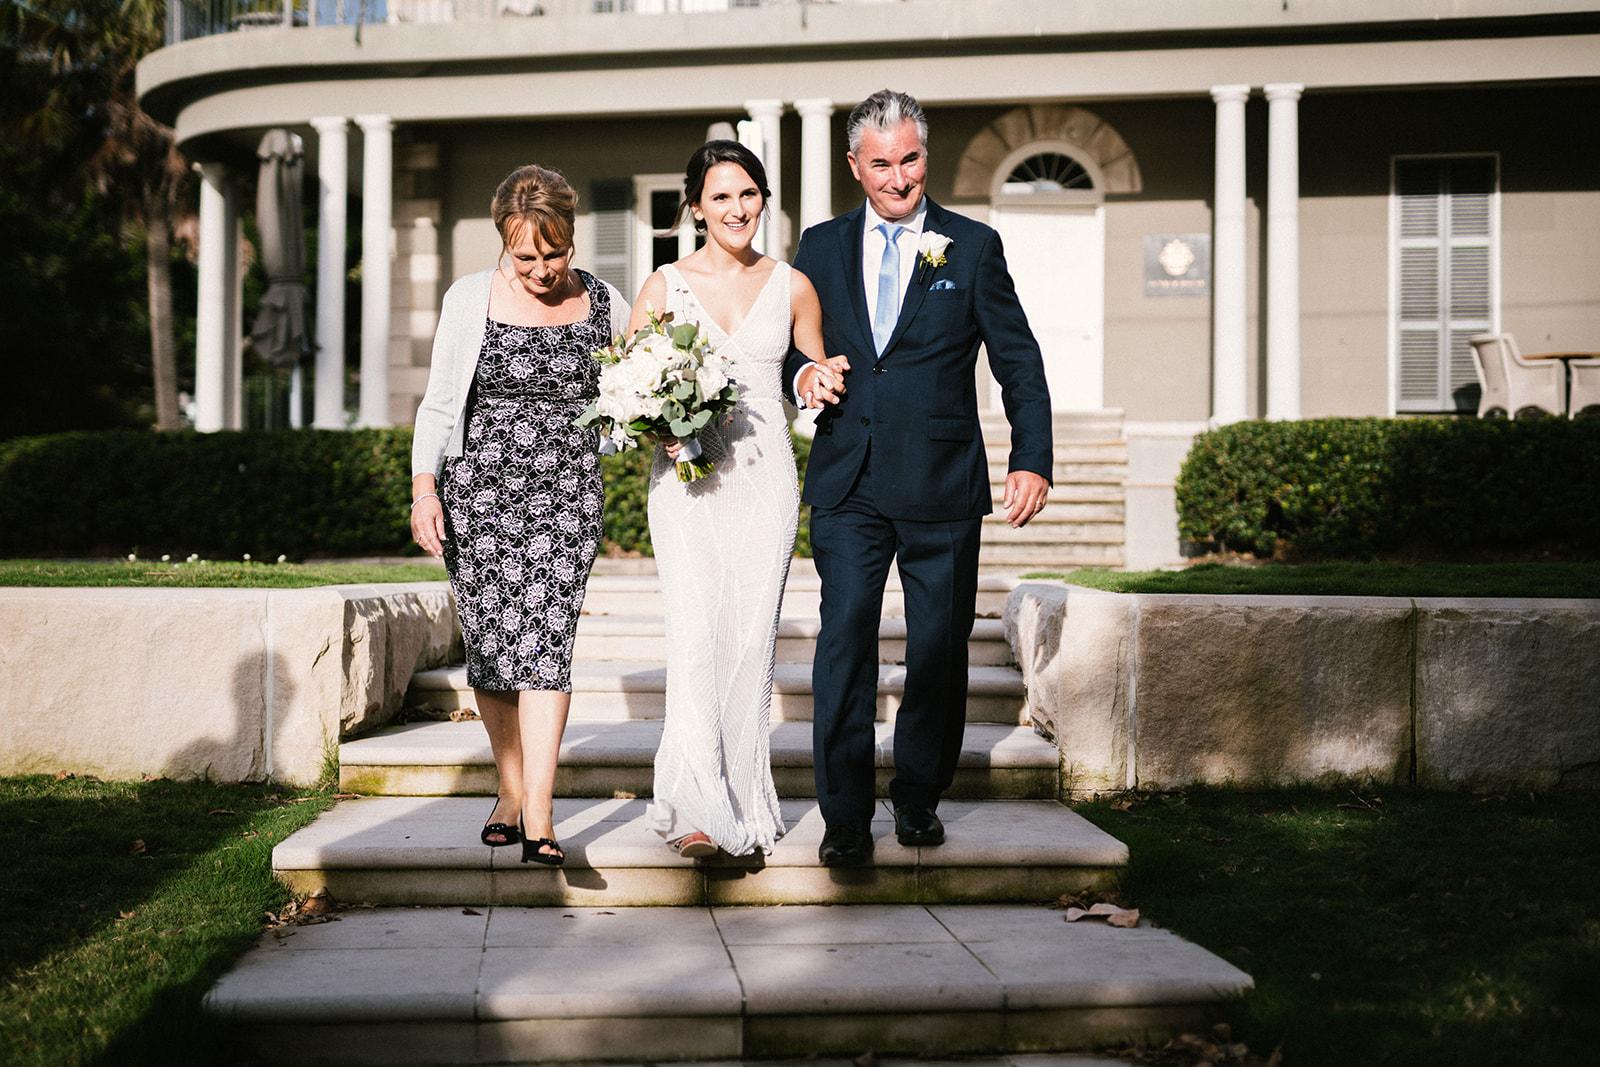 Glen-Marie Celebrant Belindar and Eduardo Bride.jpg